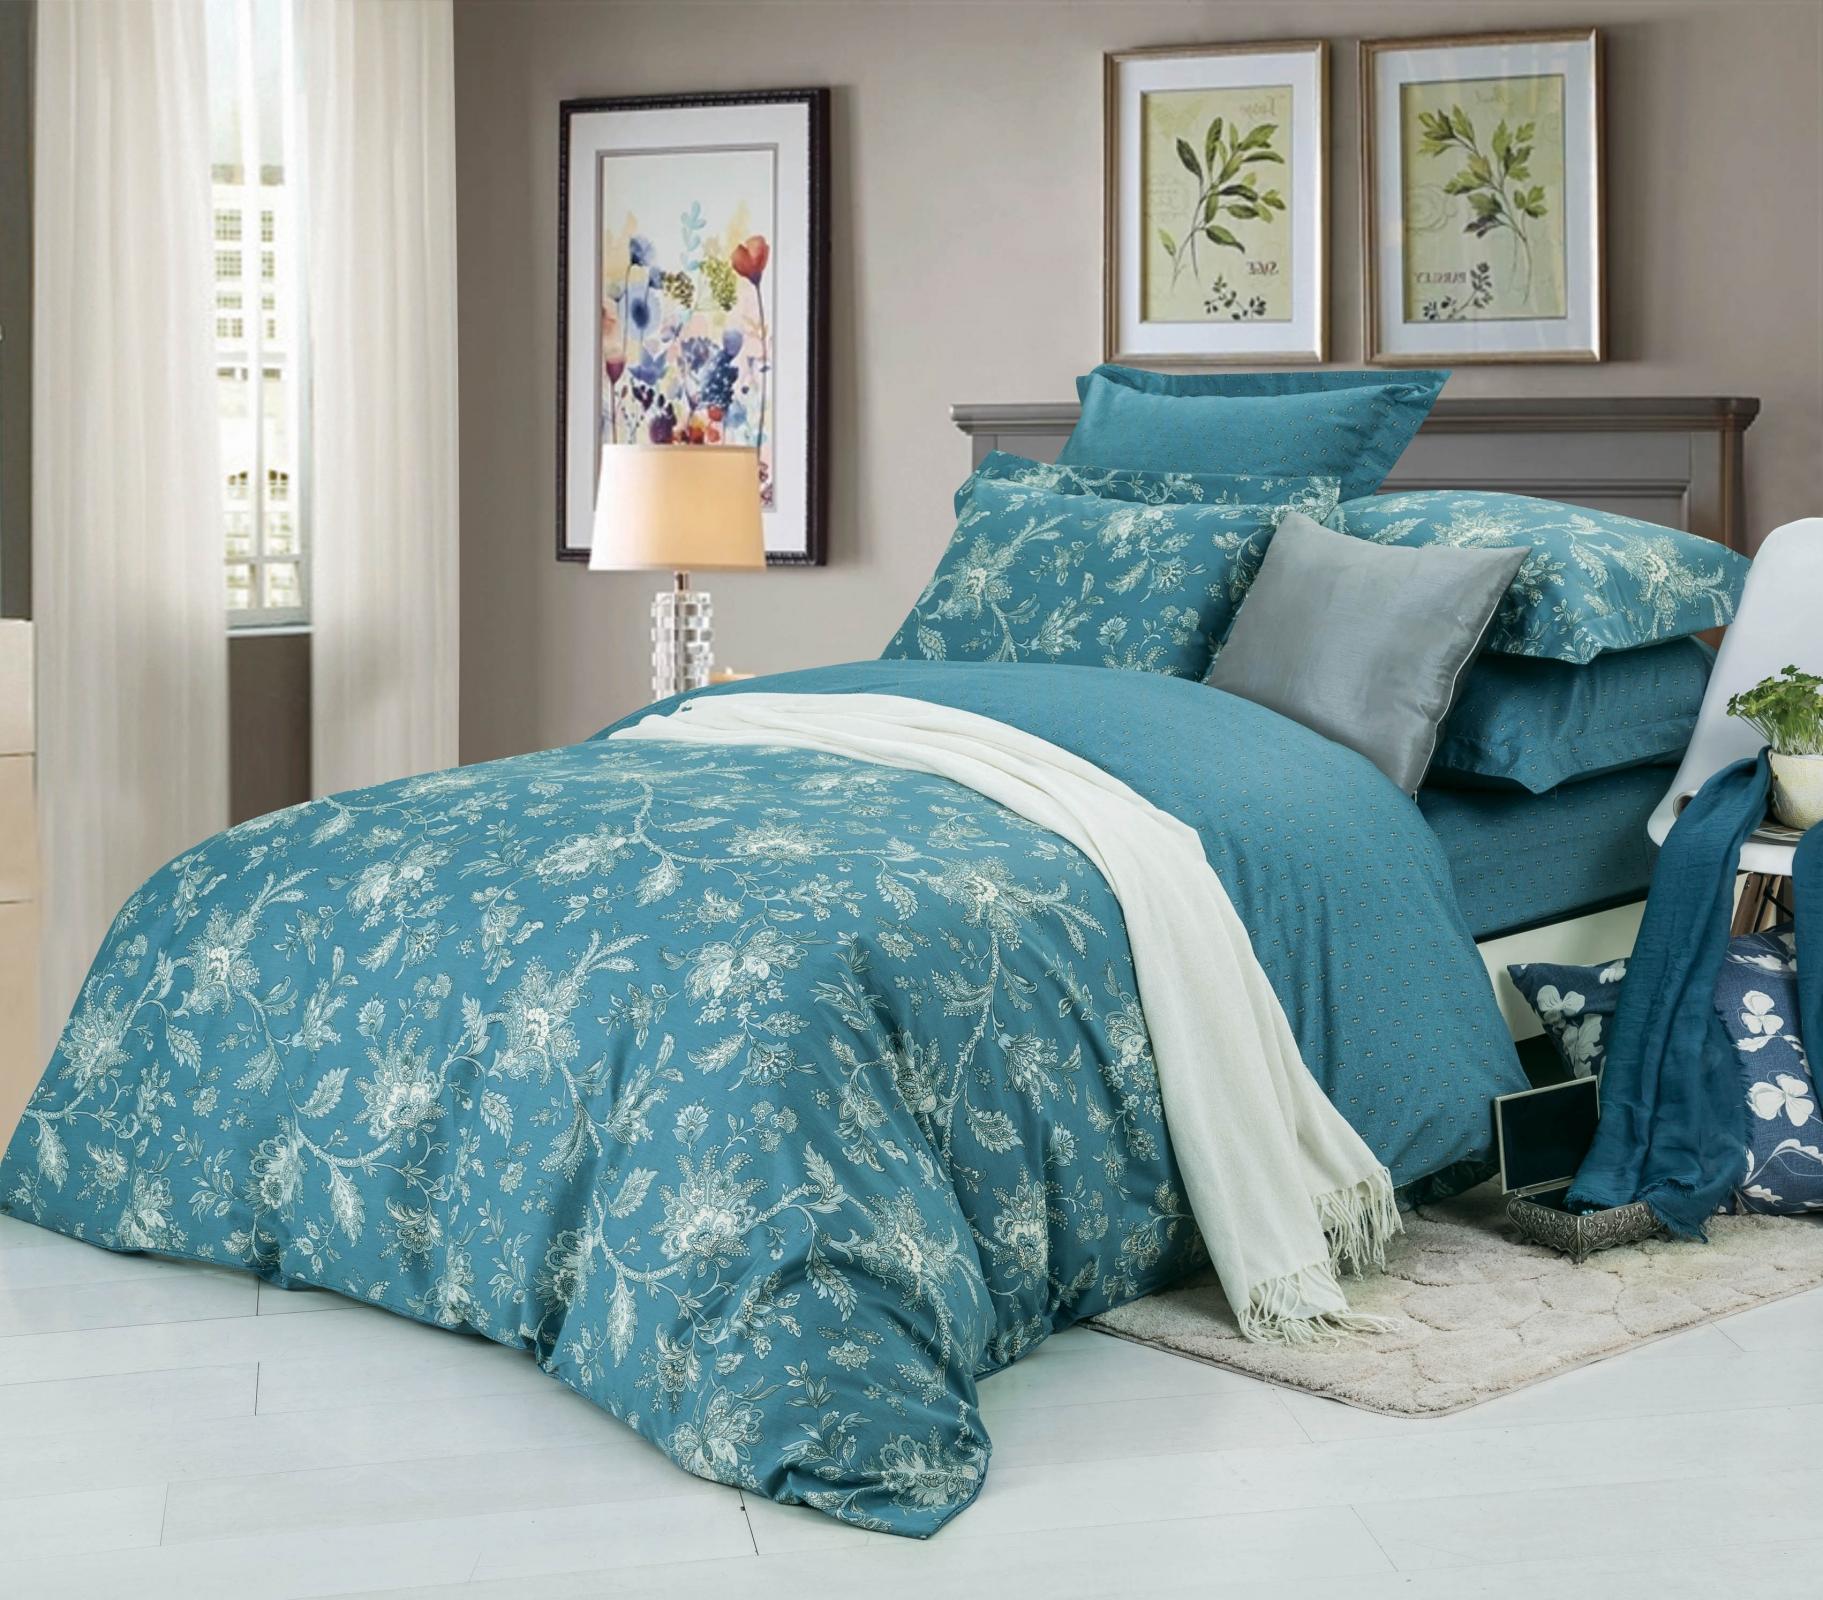 Хлопковое постельное бельё. Как правильно выбрать и какое бывает?